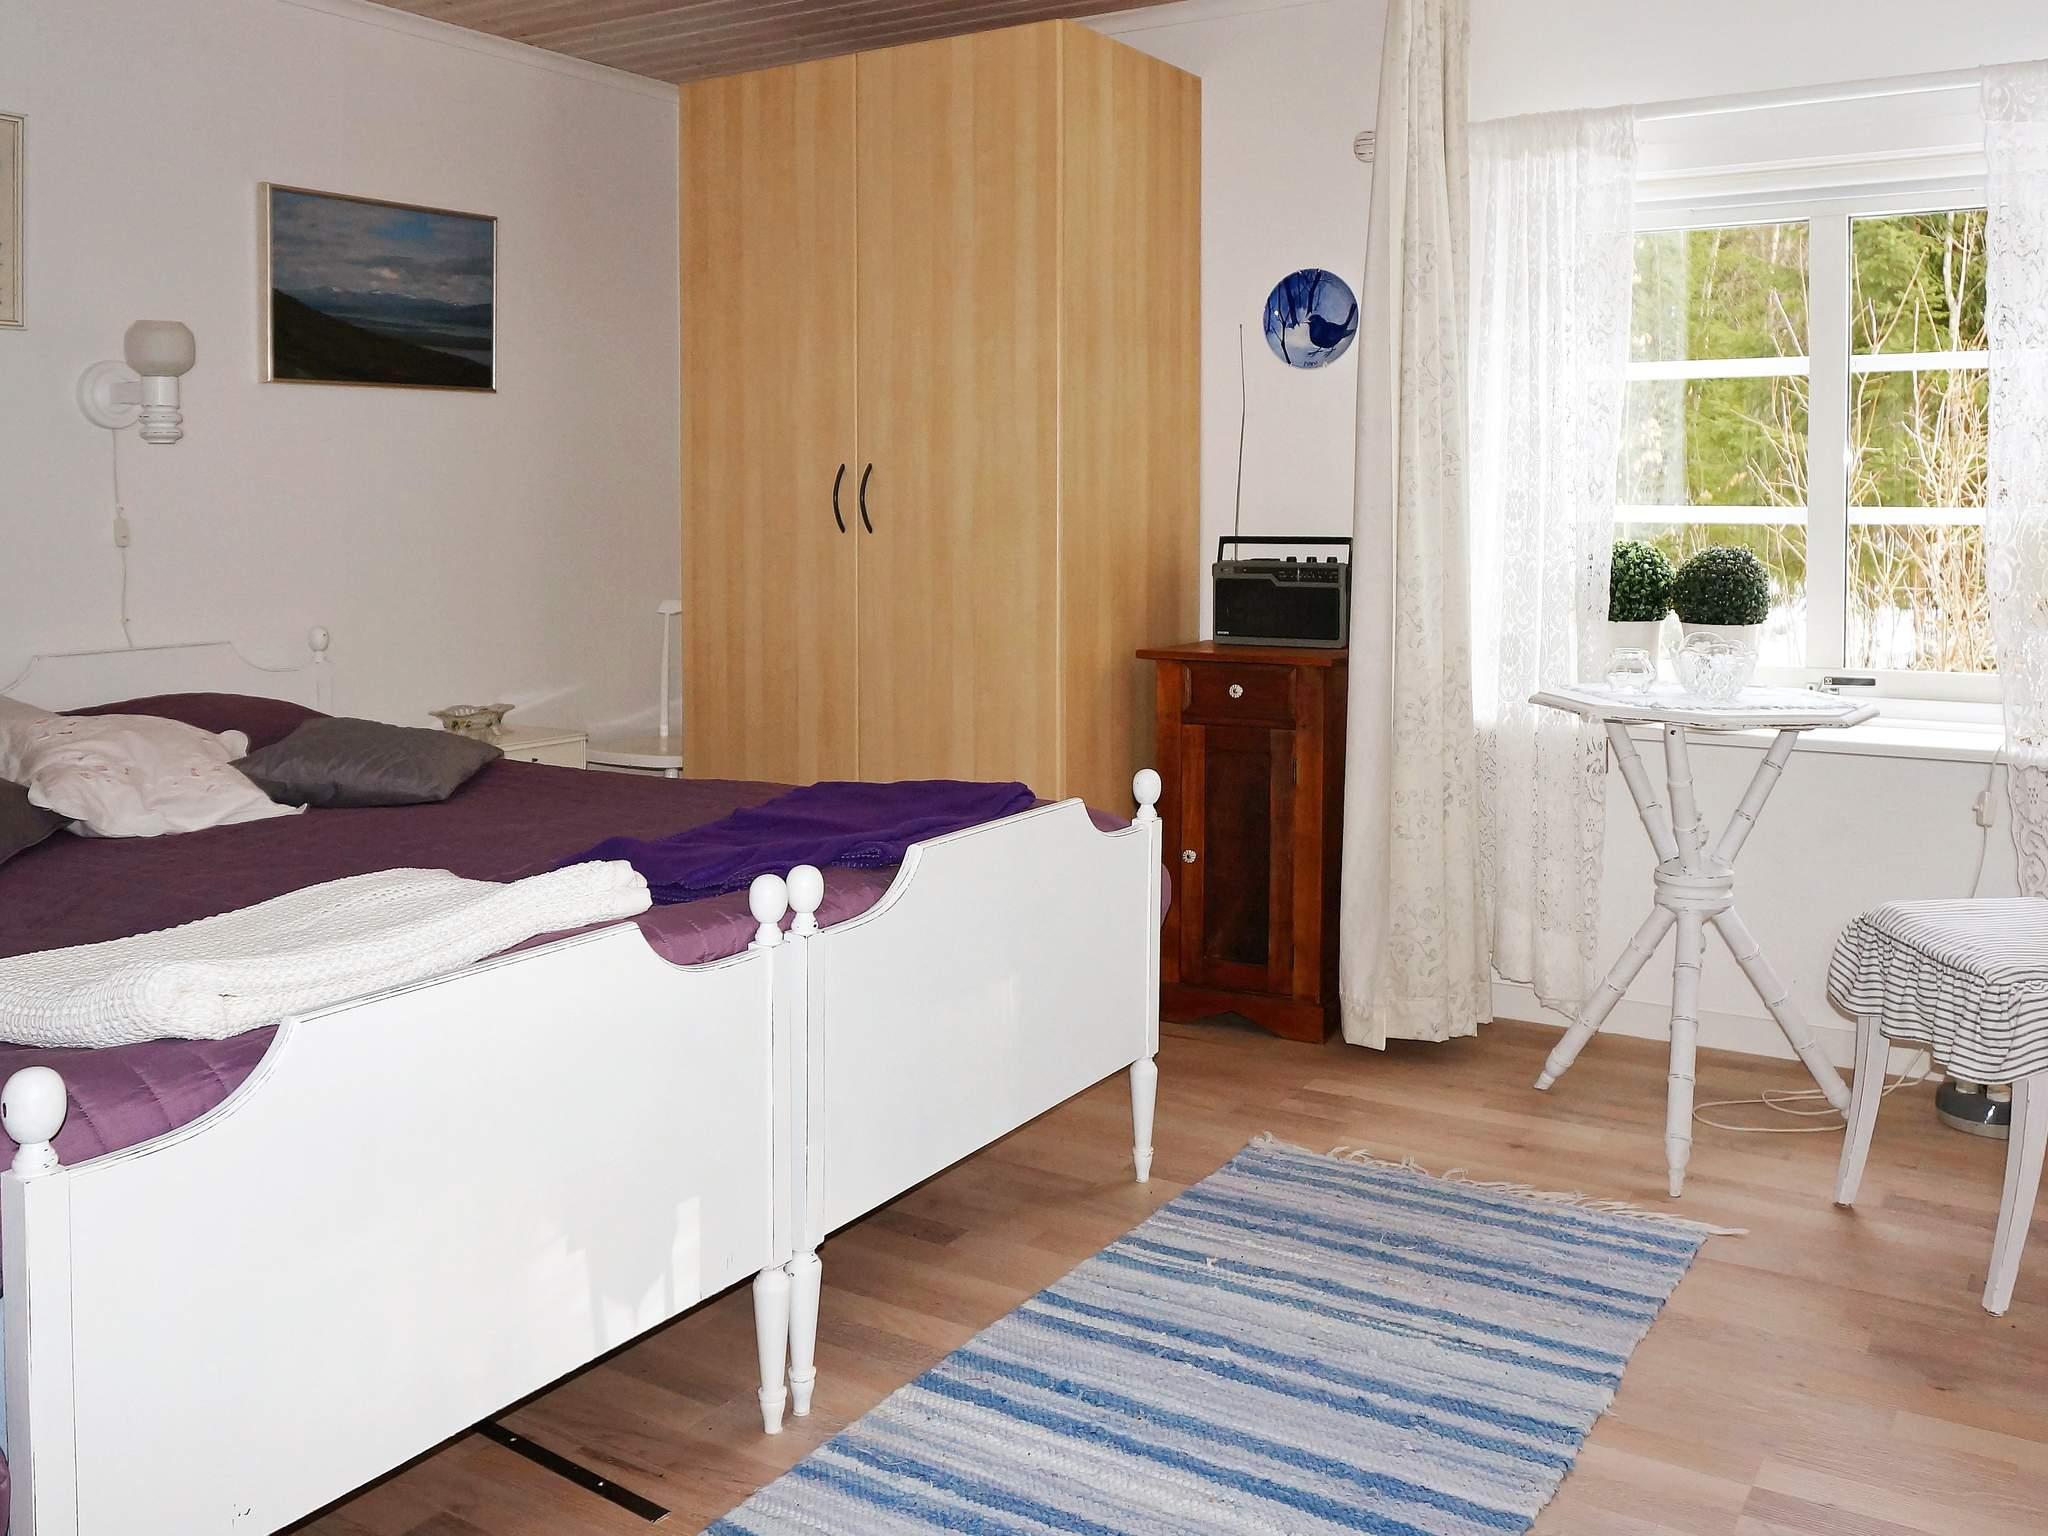 Ferienhaus Linneryd (2402351), Linneryd, Kronobergs län, Südschweden, Schweden, Bild 7